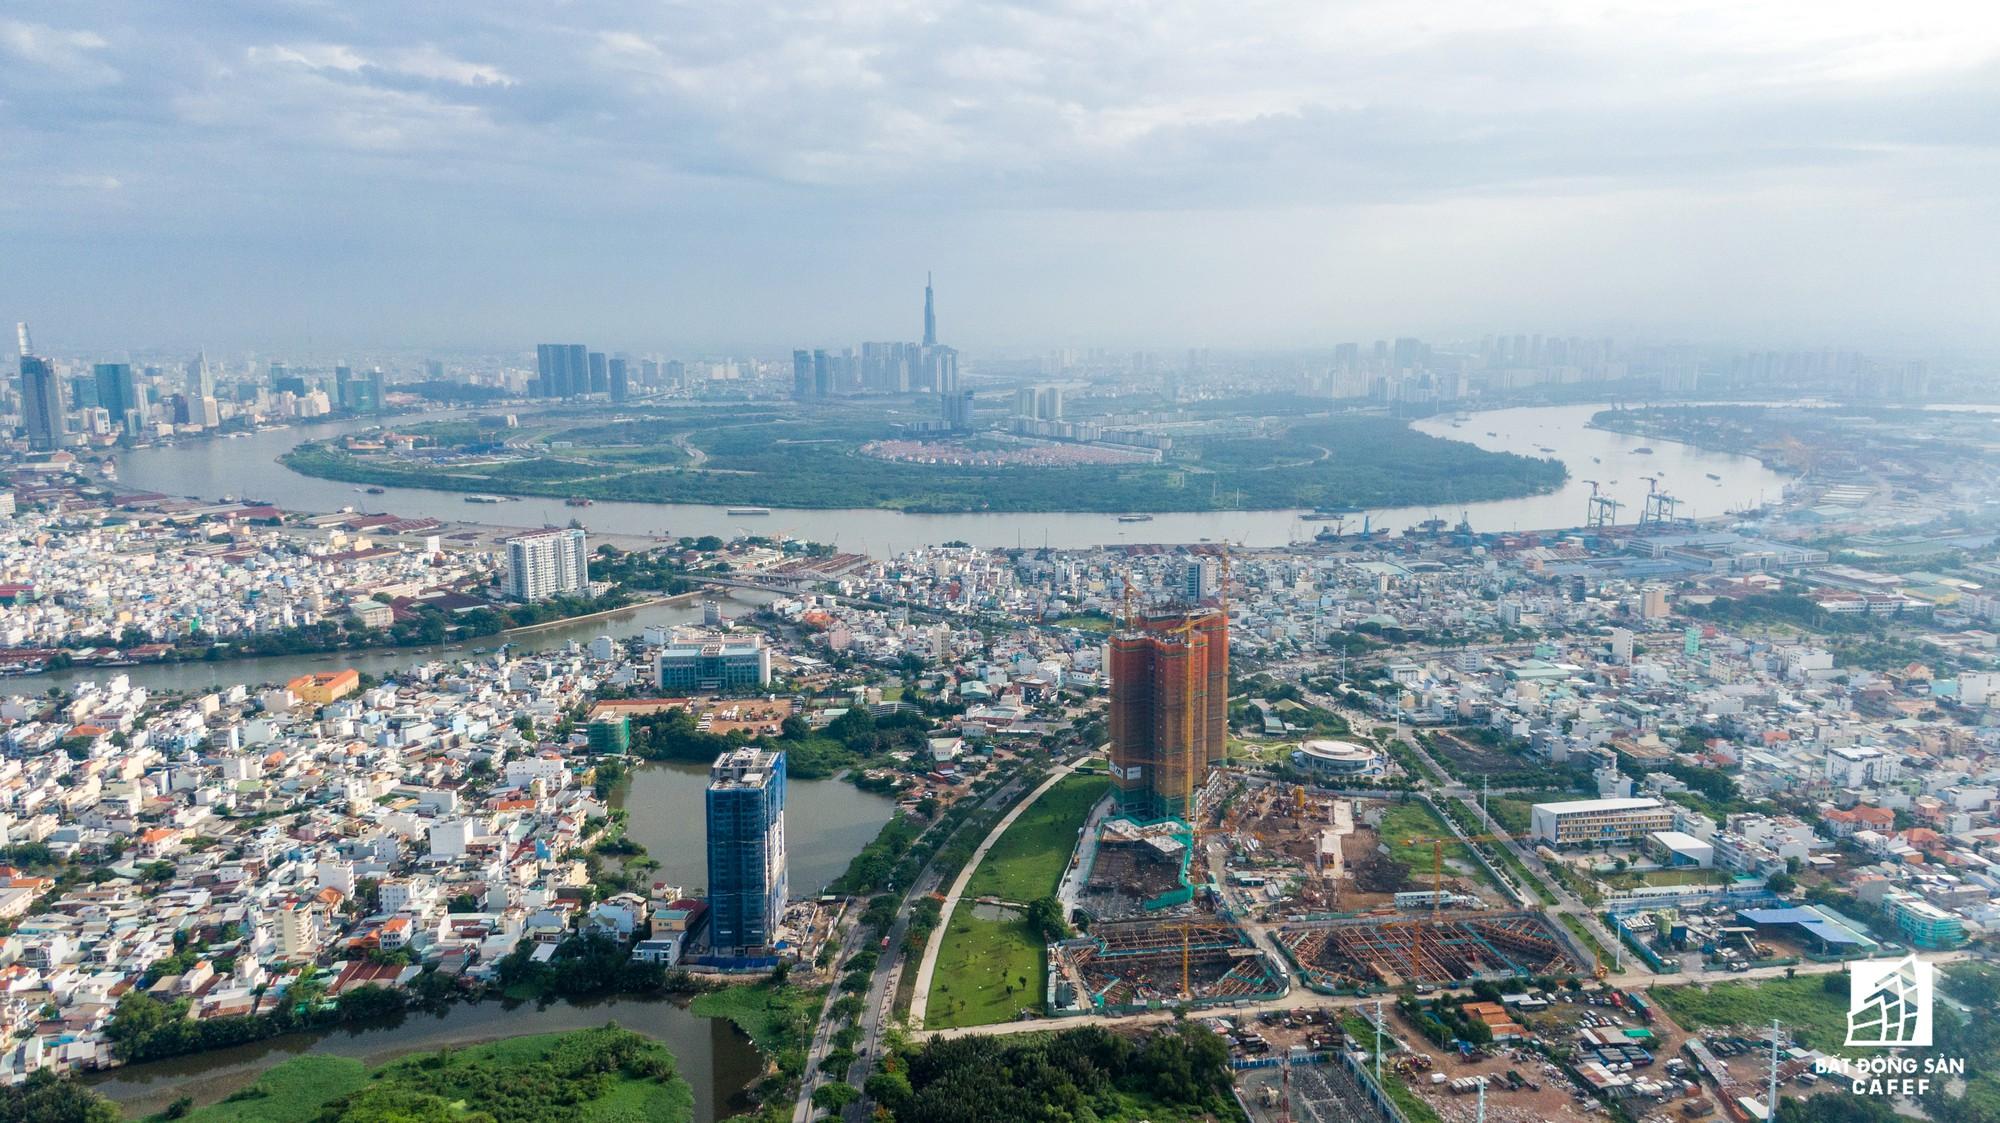 Toàn cảnh đại lộ tỷ đô đã tạo nên một thị trường bất động sản rất riêng cho khu Nam Sài Gòn - Ảnh 4. Toàn cảnh đại lộ tỷ đô đã tạo nên một thị trường bất động sản rất riêng cho khu Nam Sài Gòn Toàn cảnh đại lộ tỷ đô đã tạo nên một thị trường bất động sản rất riêng cho khu Nam Sài Gòn hinh 2 15672195006981733829100